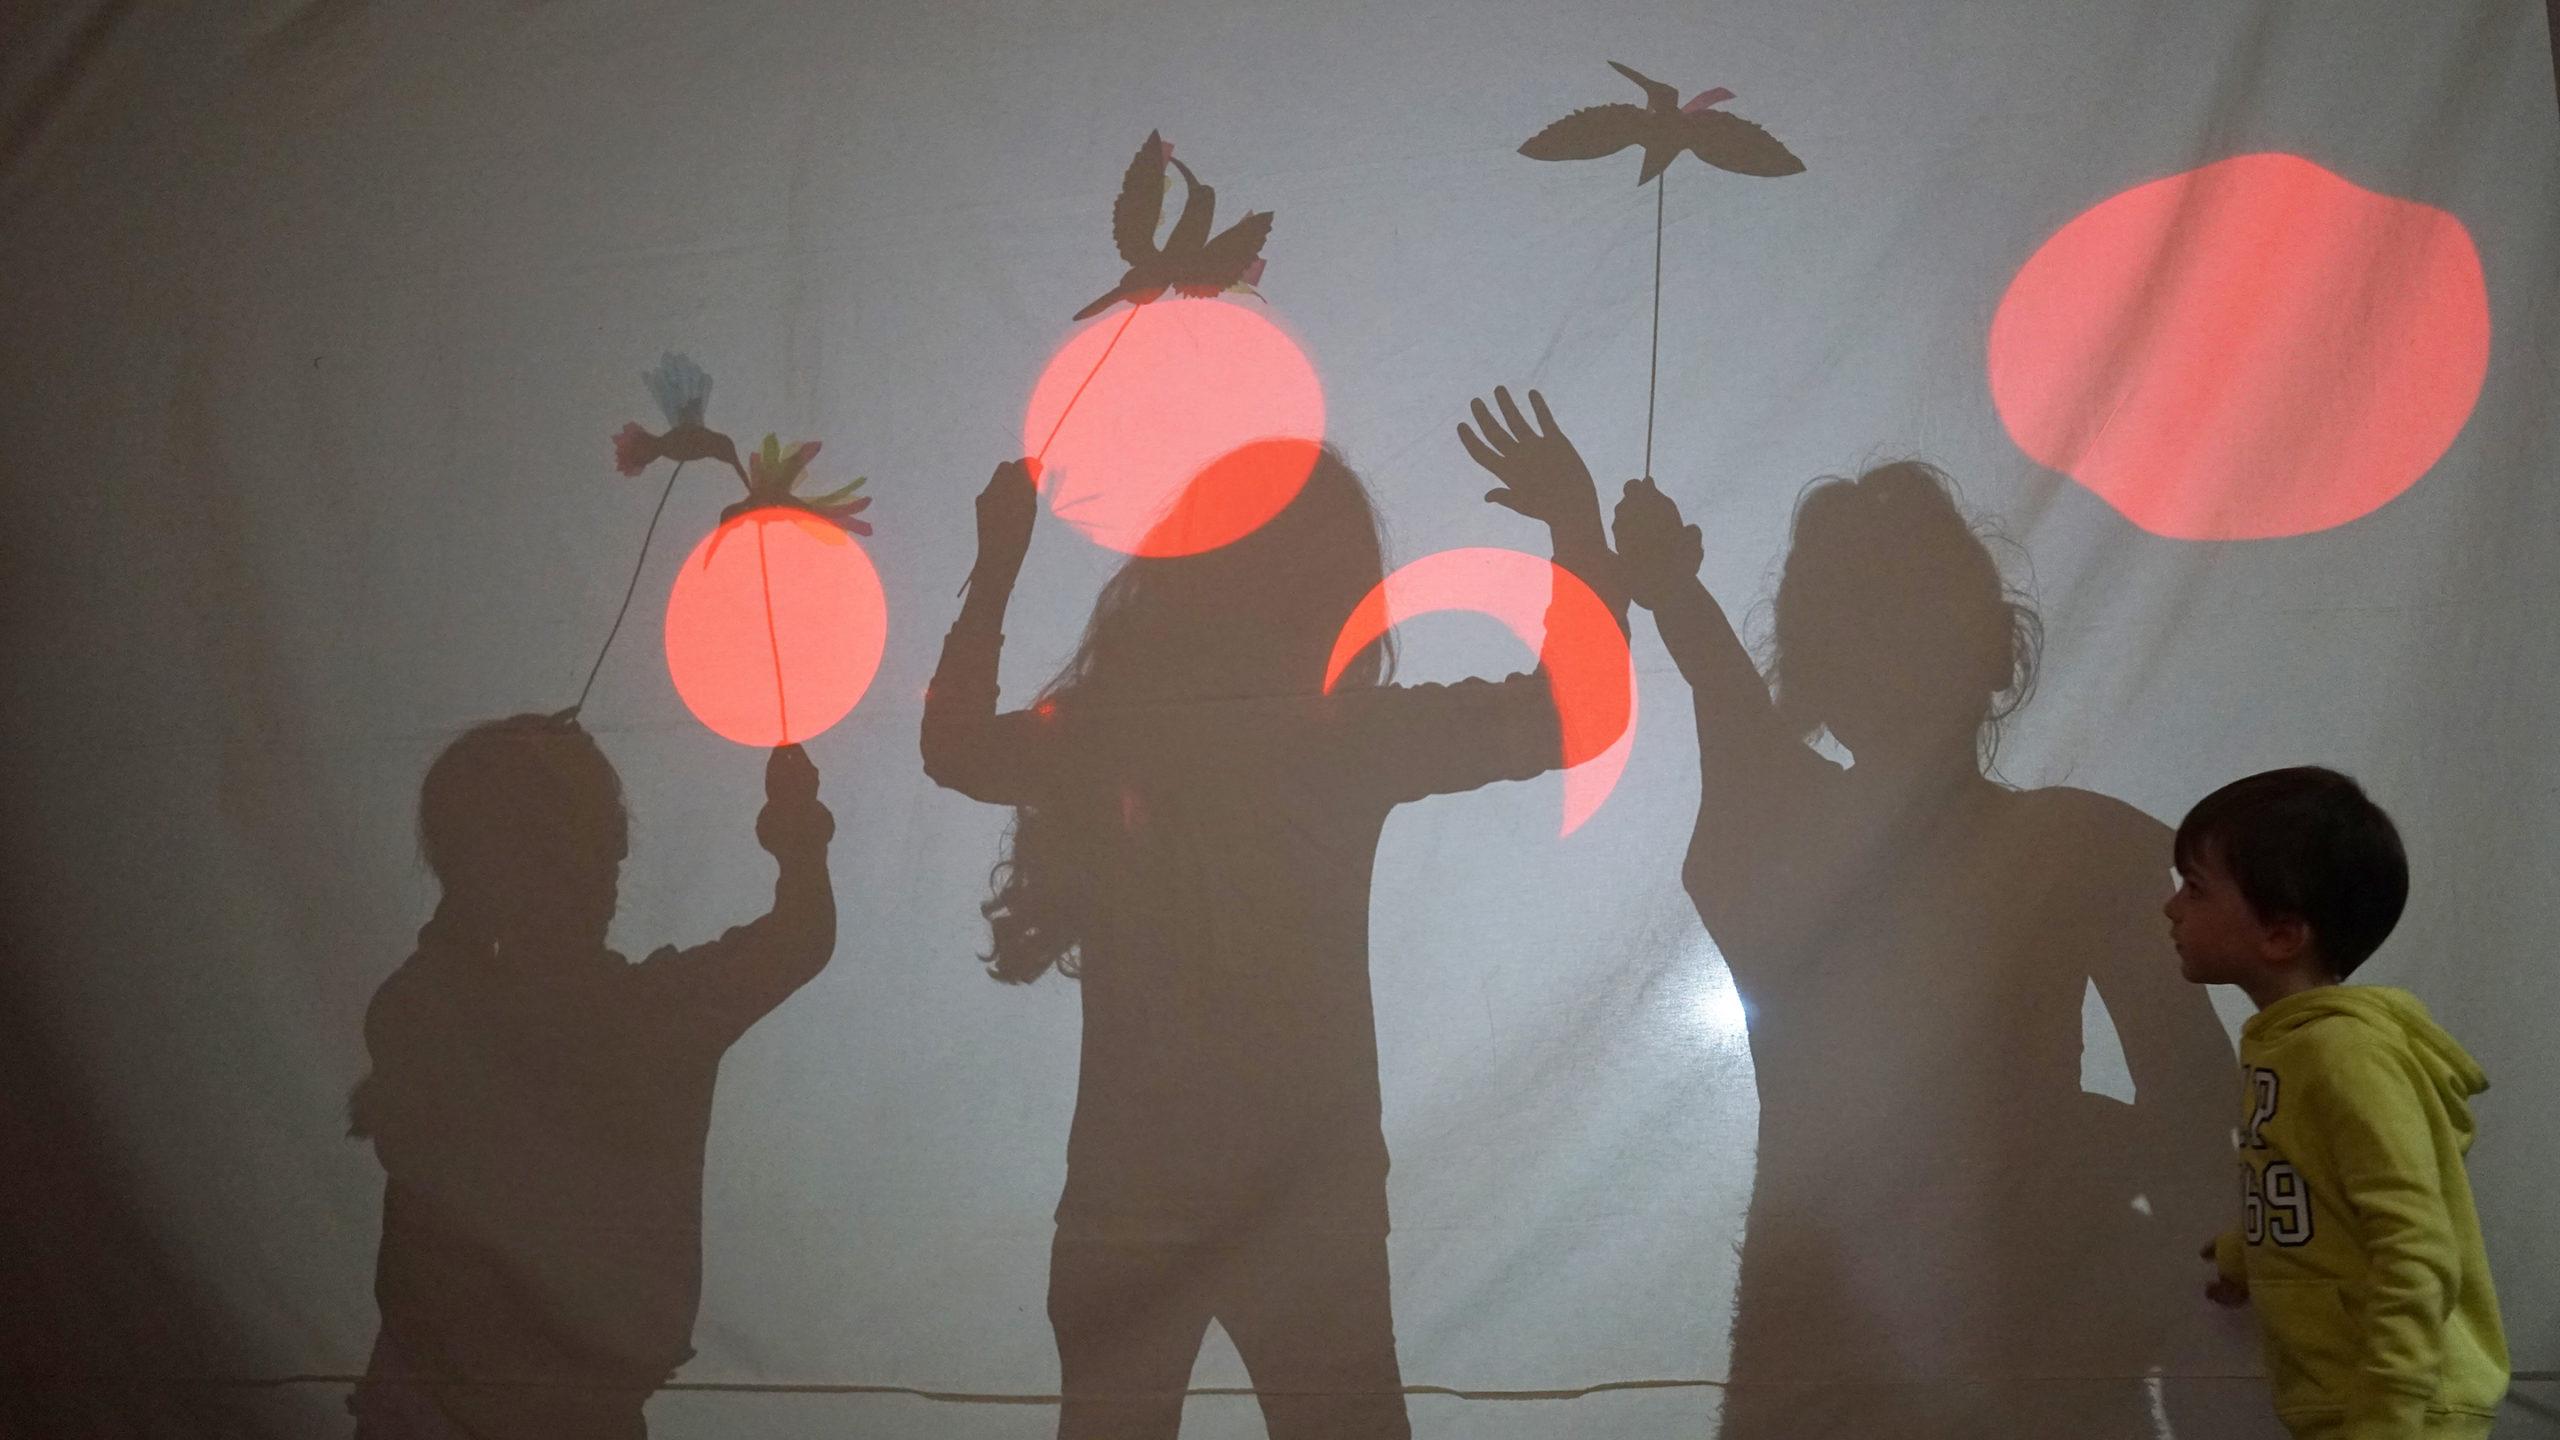 Kinder führen ein Schattenspiel im MARKK im Rahmen eines Vermittlungsangebotes auf